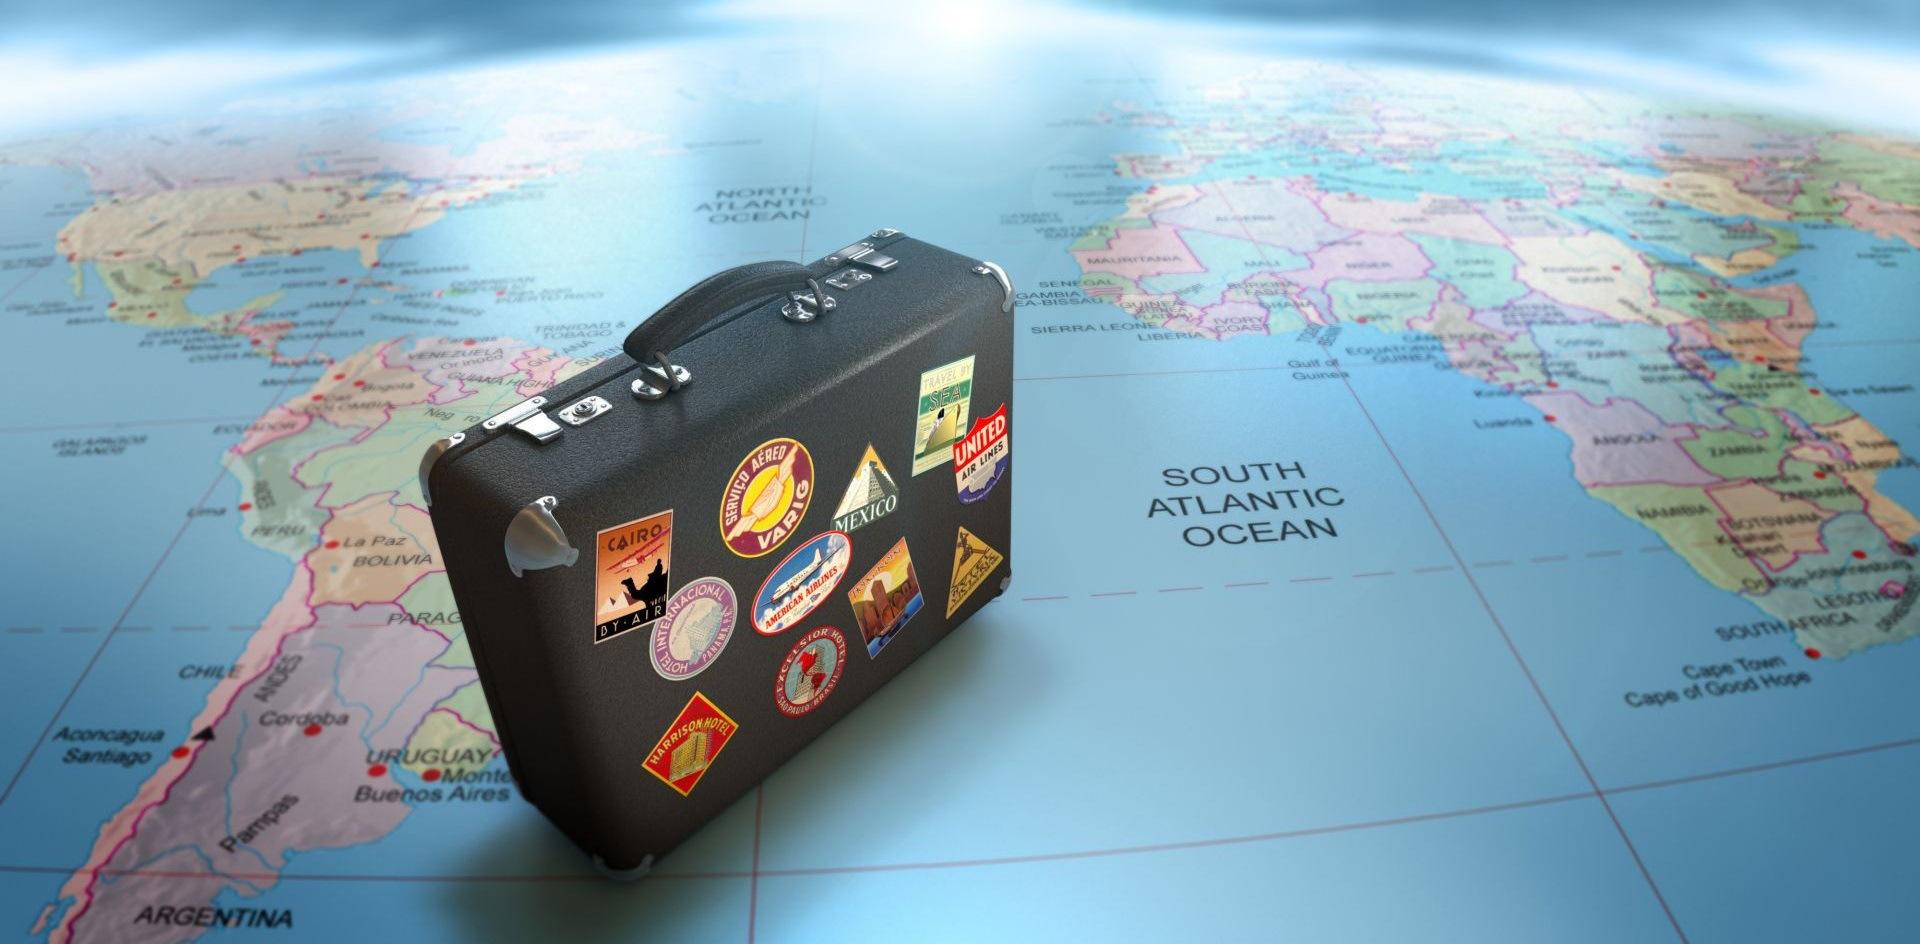 Demuestran que la clave de la felicidad es viajar y no comprar cosas.